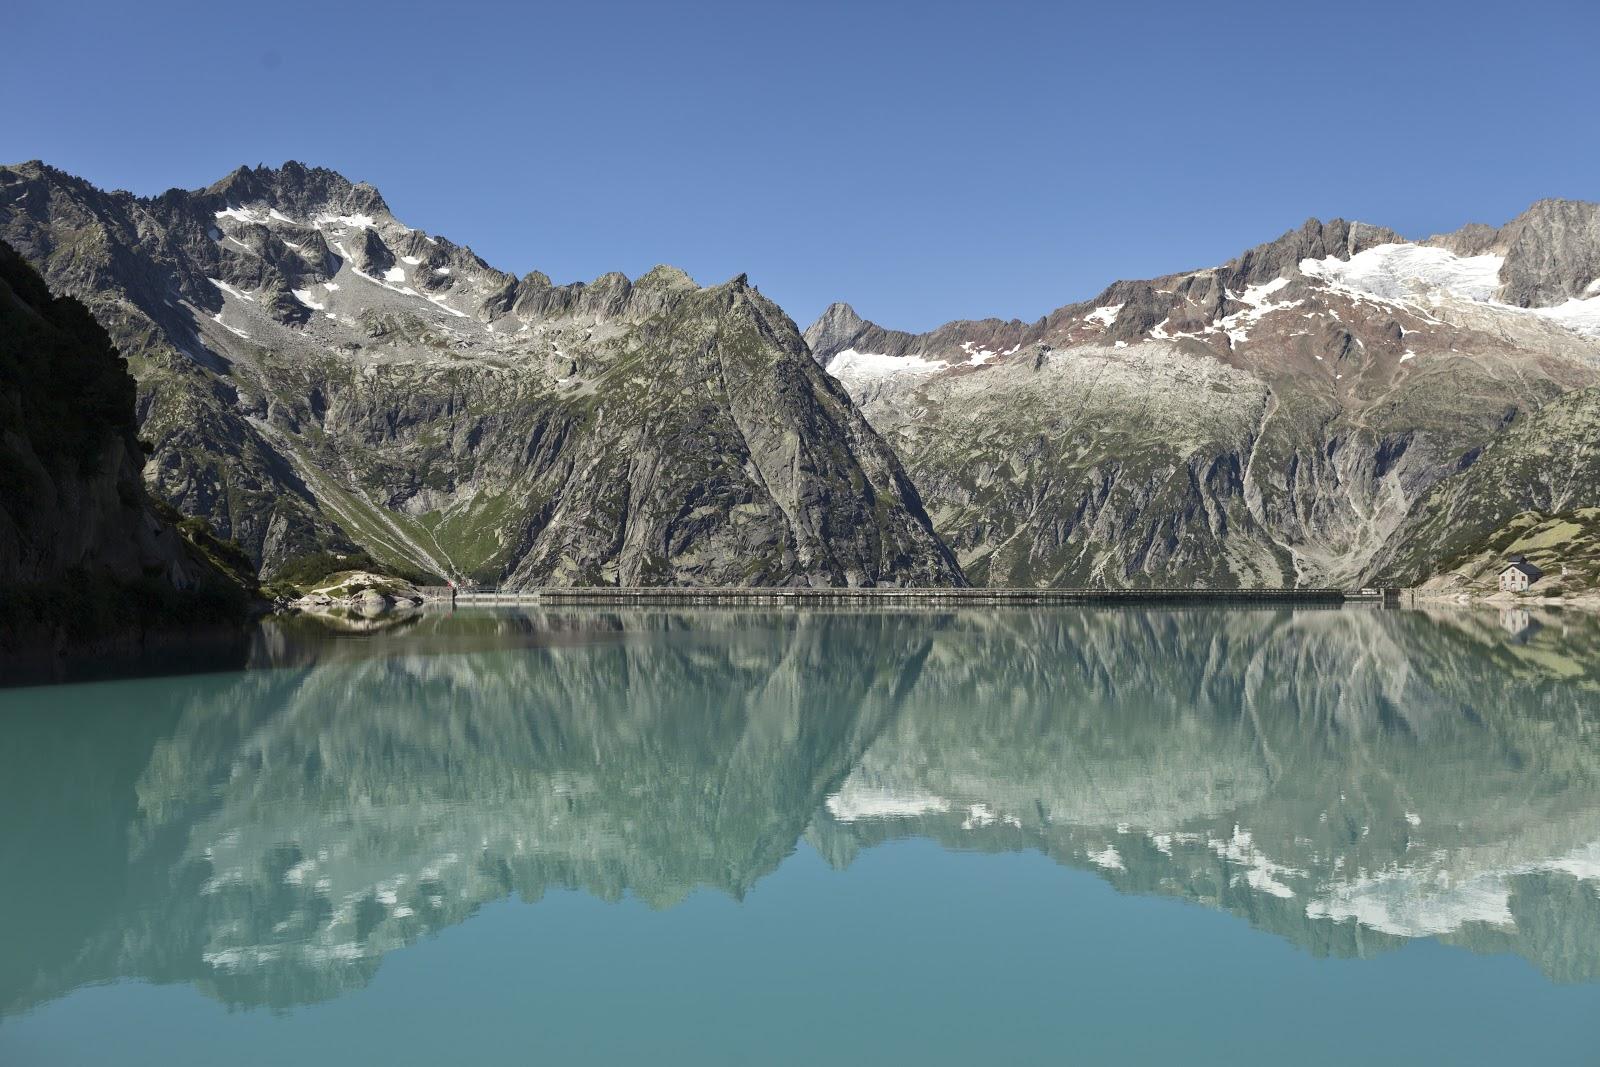 Spettacolare vista del Lago Gelmer dal passo del Grimsel. (Keystone/Gaetan Bally)